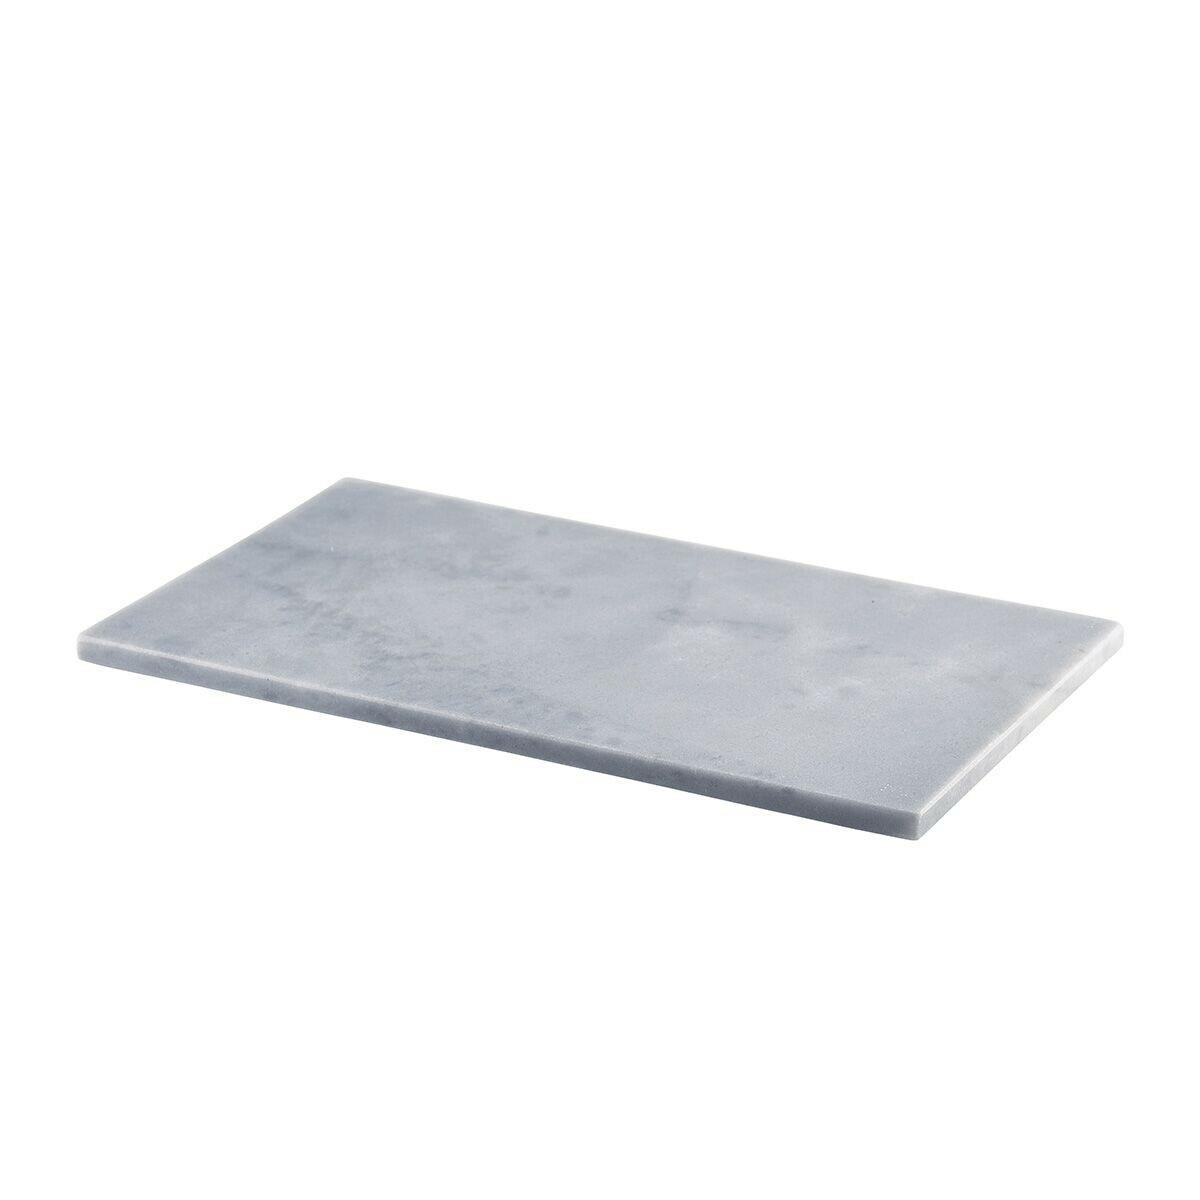 grijs marmeren plateau GN 1/3 32 x 18 cm met voetjes